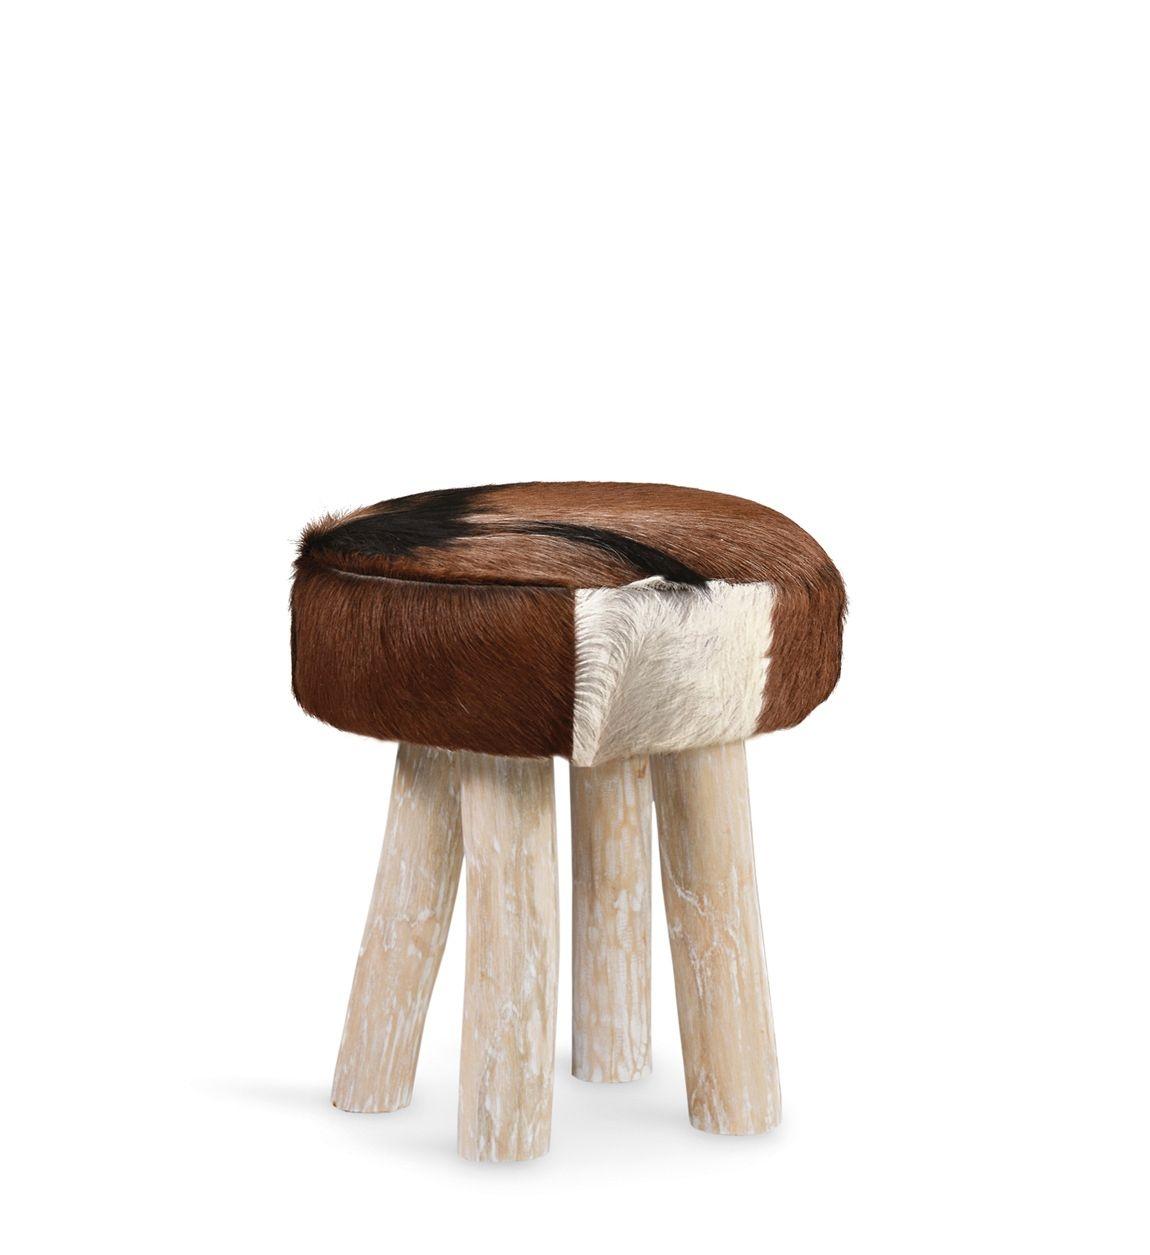 Taburet tapitat cu piele naturala si picioare din lemn Goat Maro / Natural, Ø38xH45 cm imagine